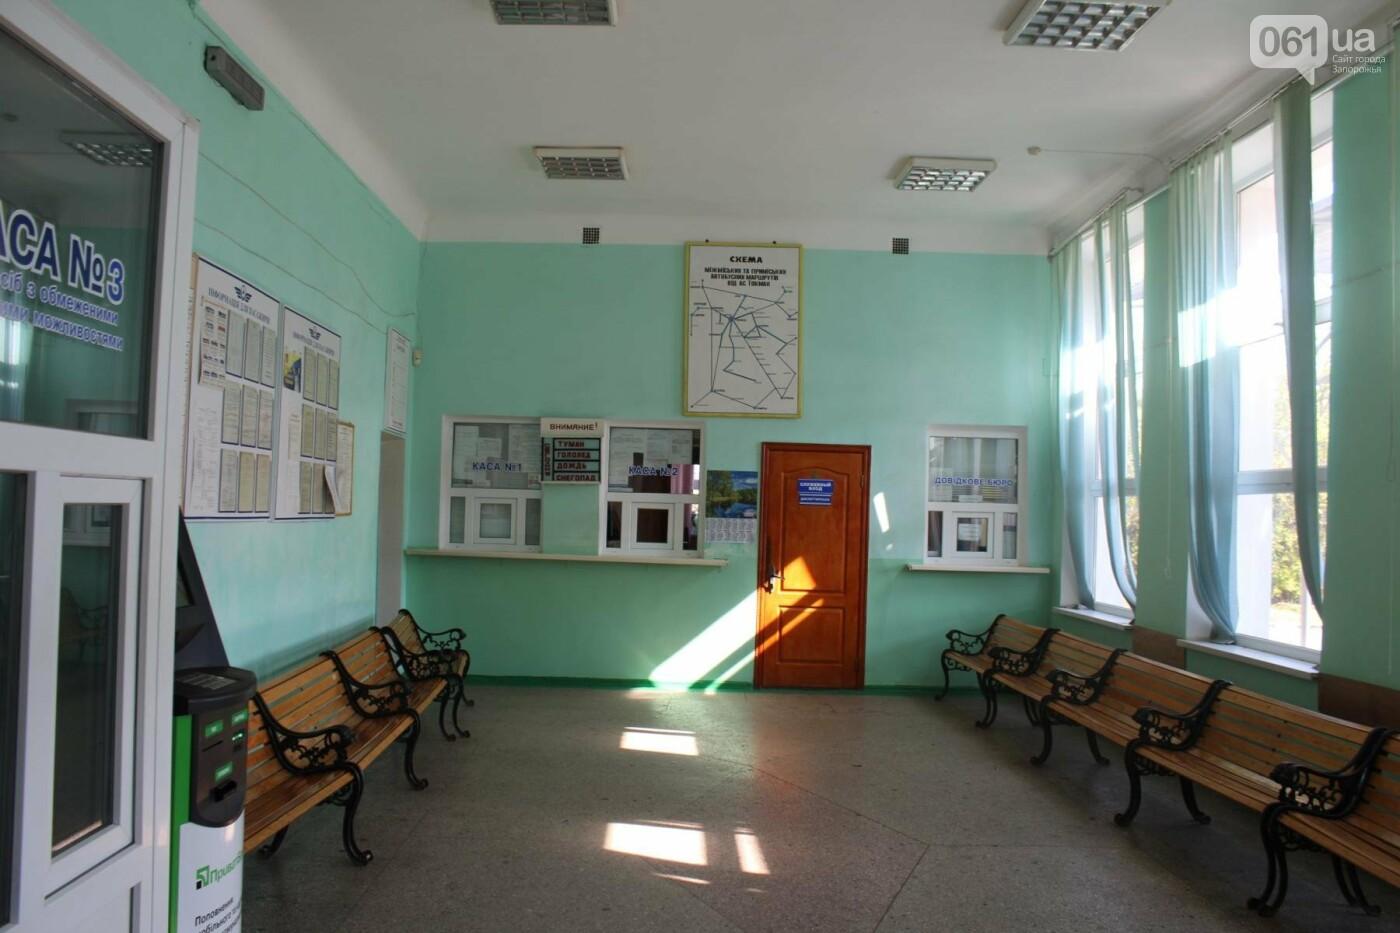 Как там в Токмаке: репортаж из официально депрессивного города, фото-9